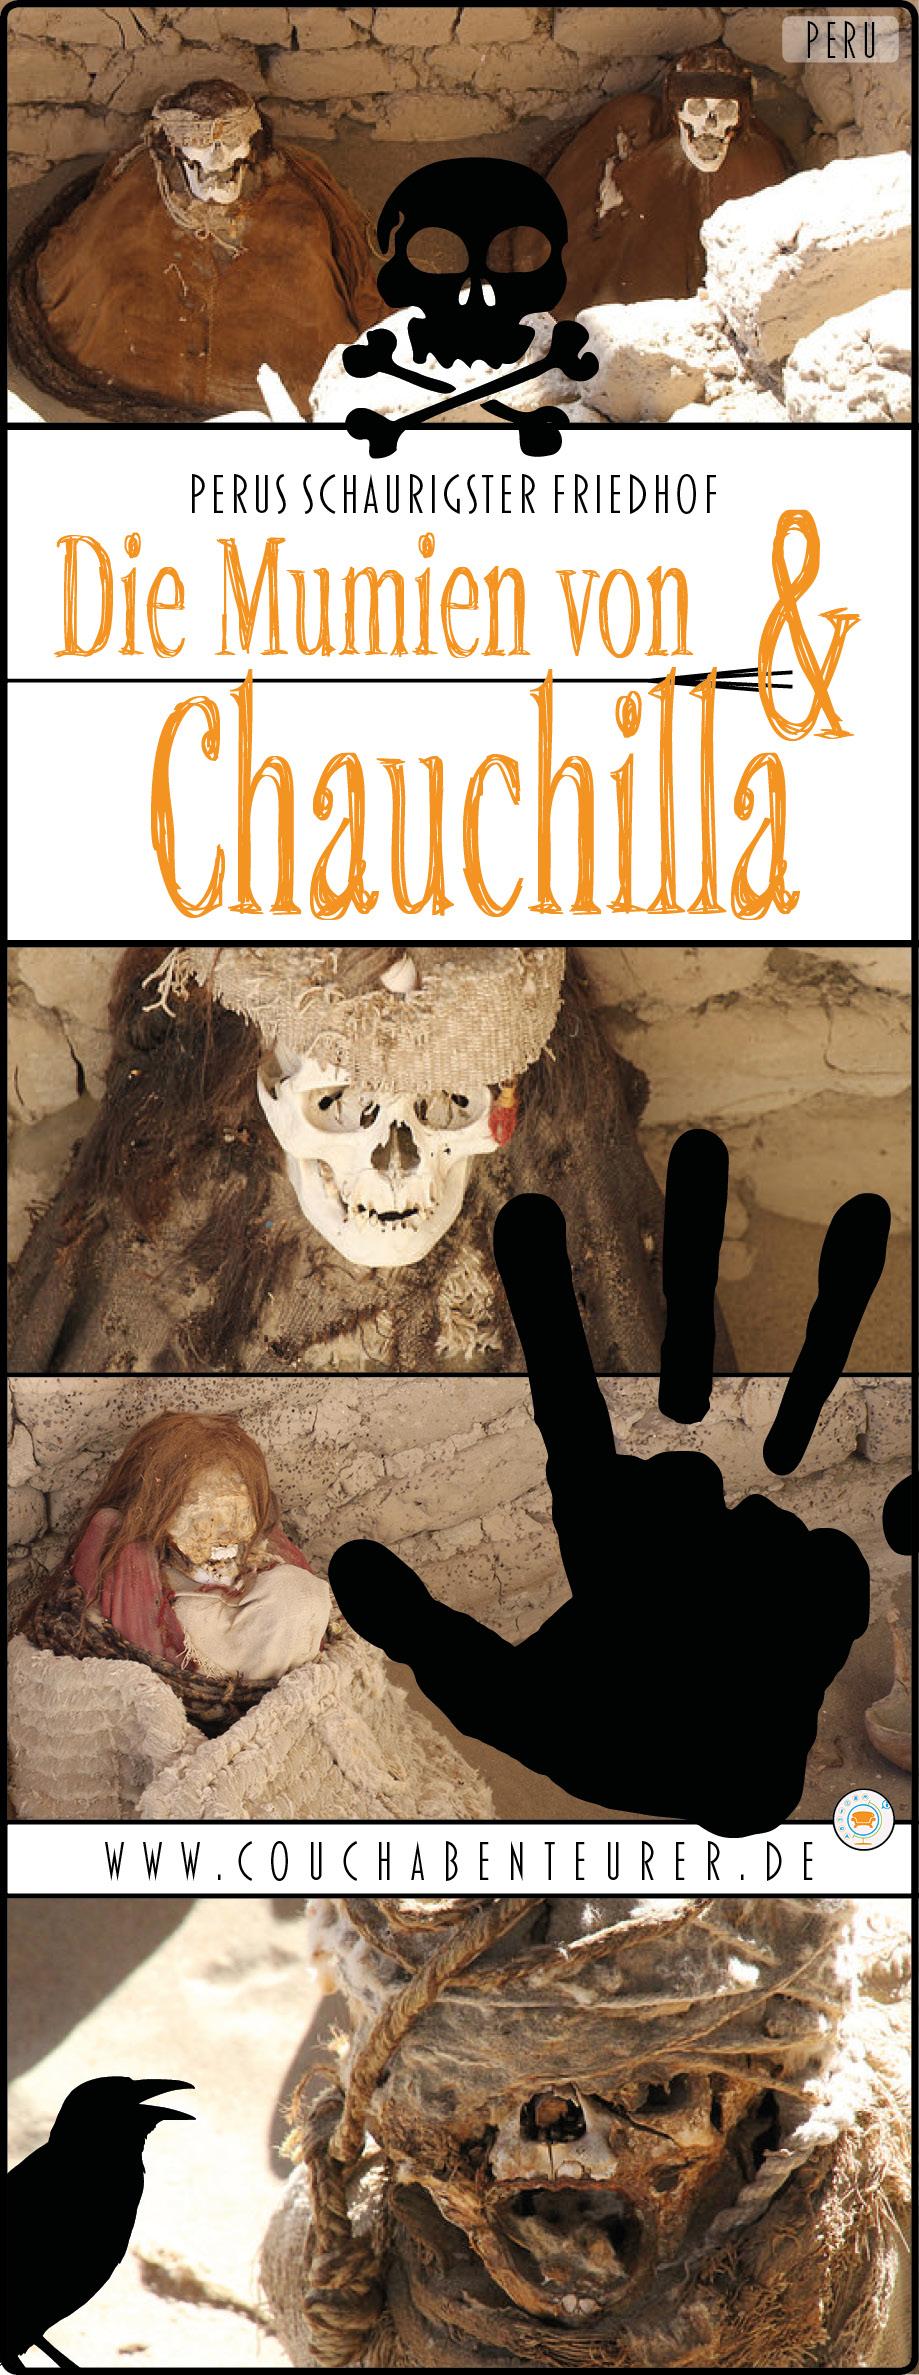 peru-mumien-chauchilla-schaurigster-friedhof-Erfahrungen